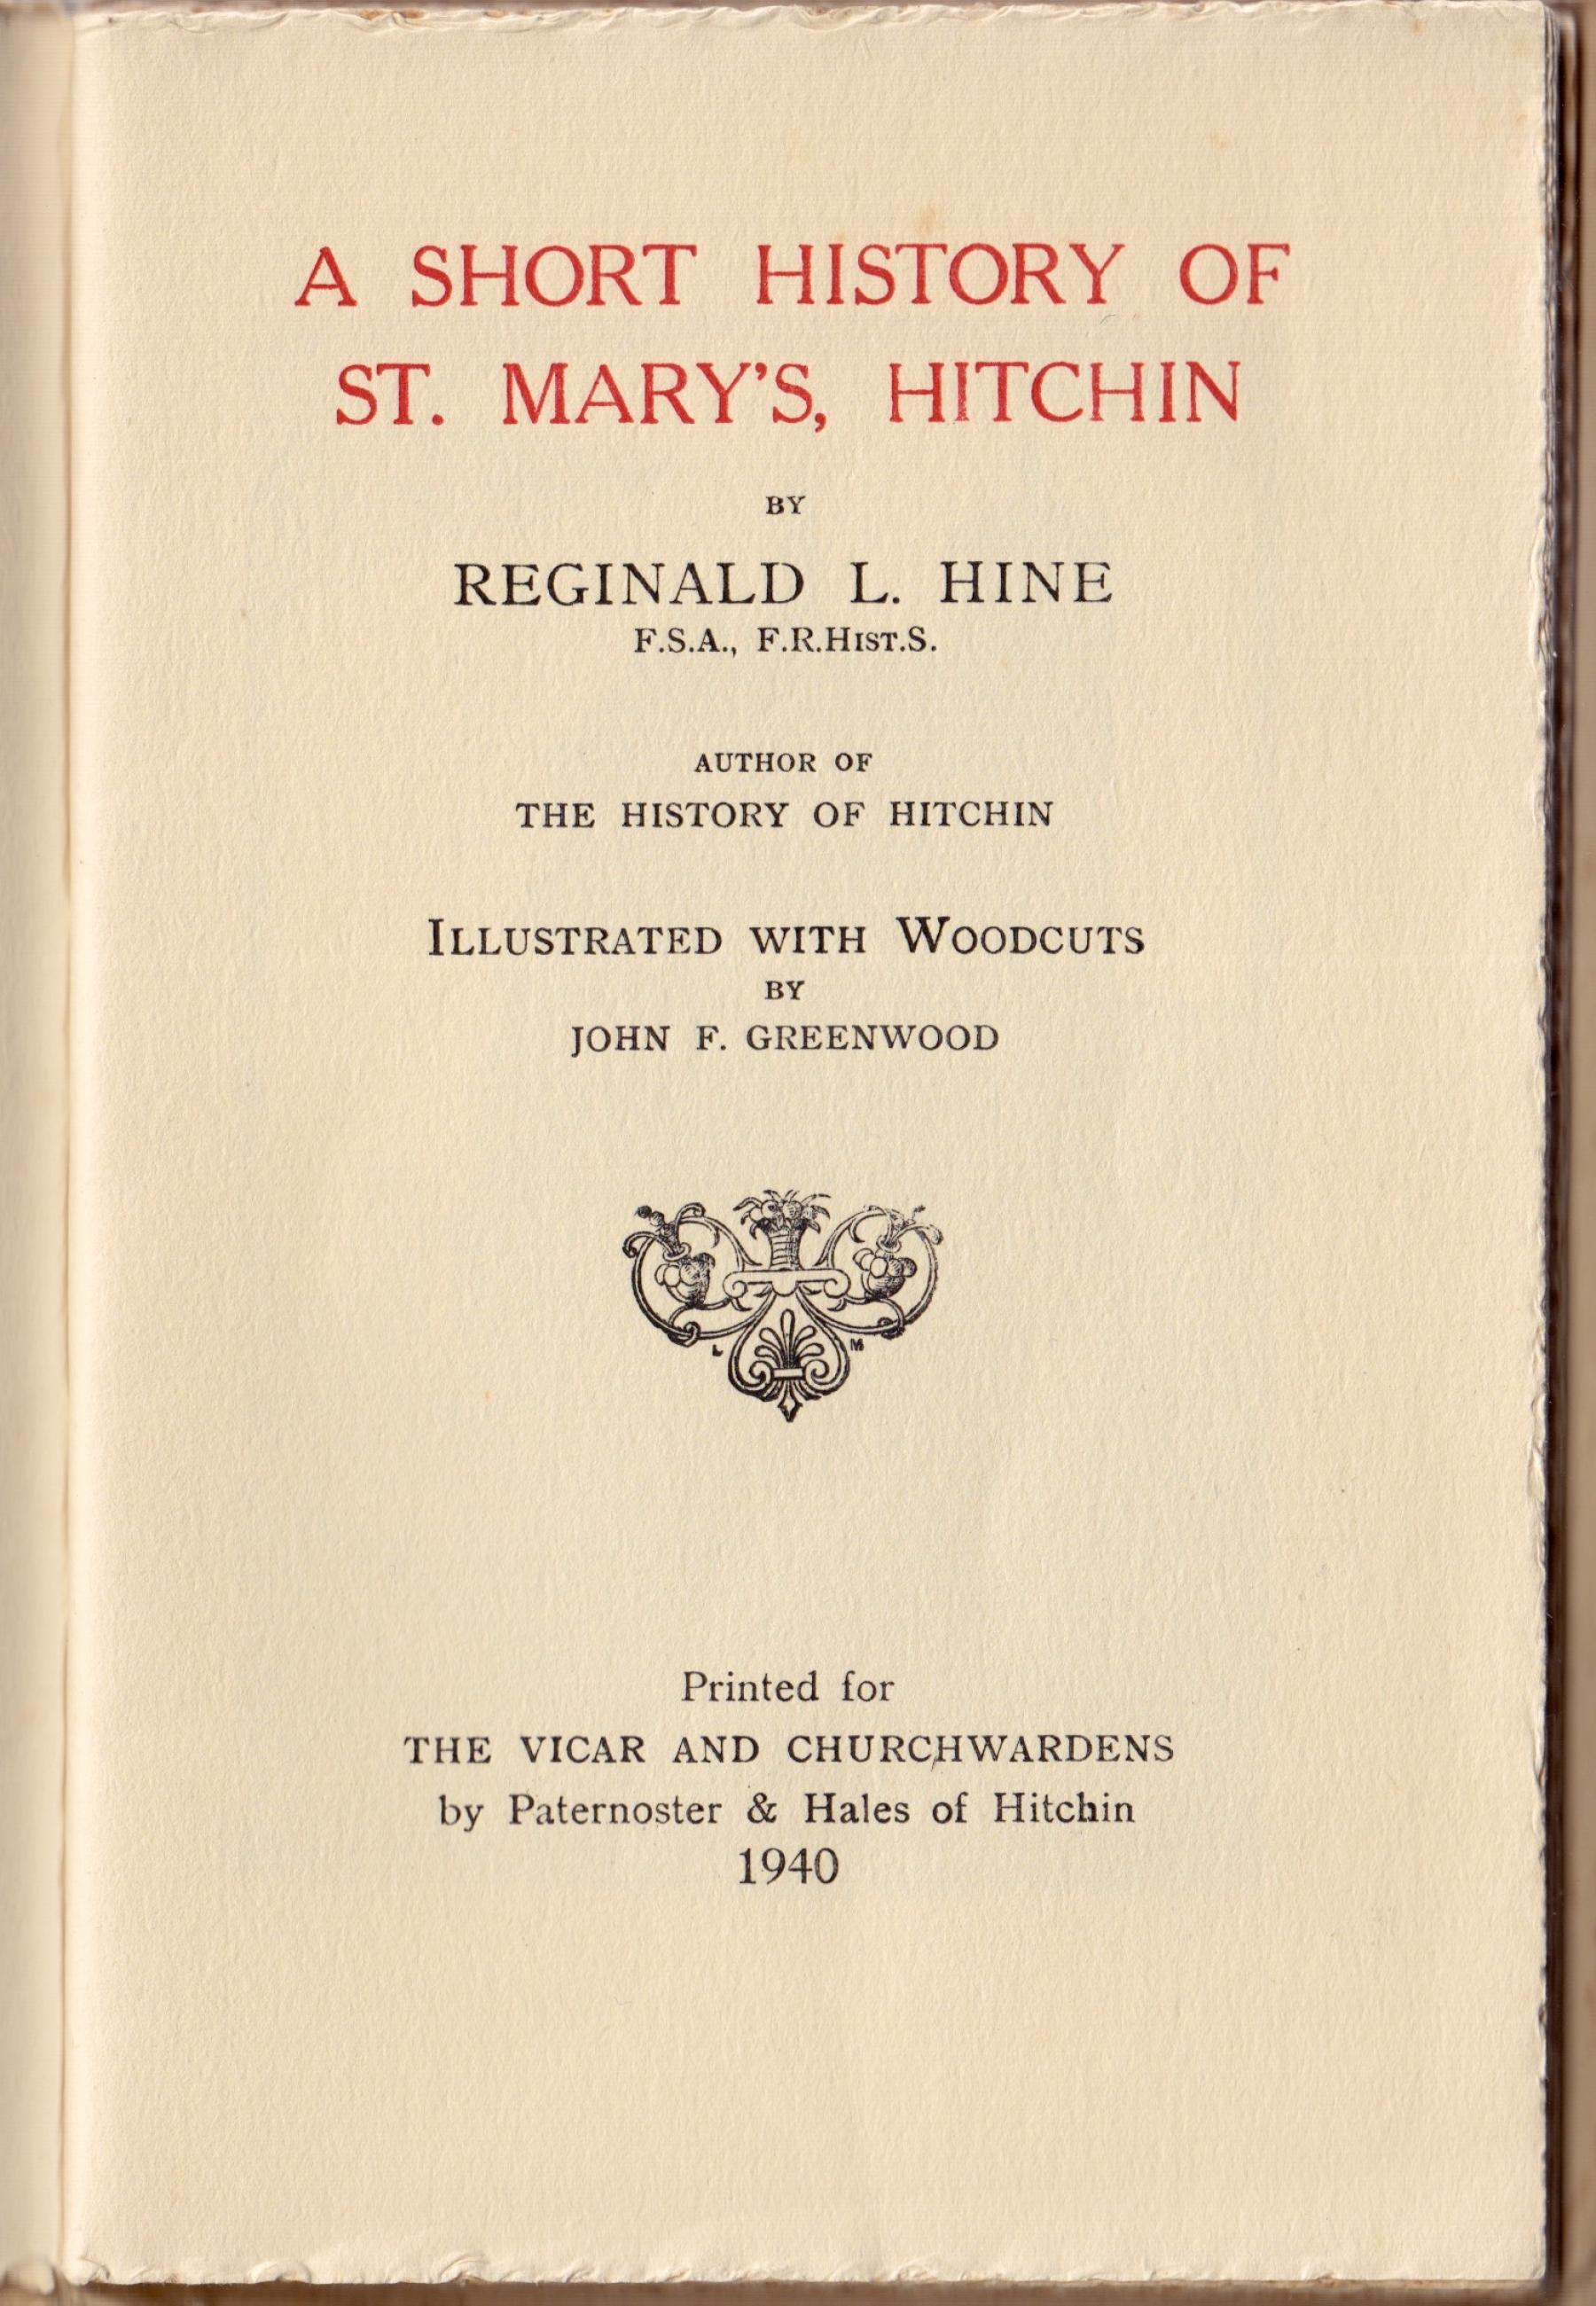 St. Mary's Hitchin